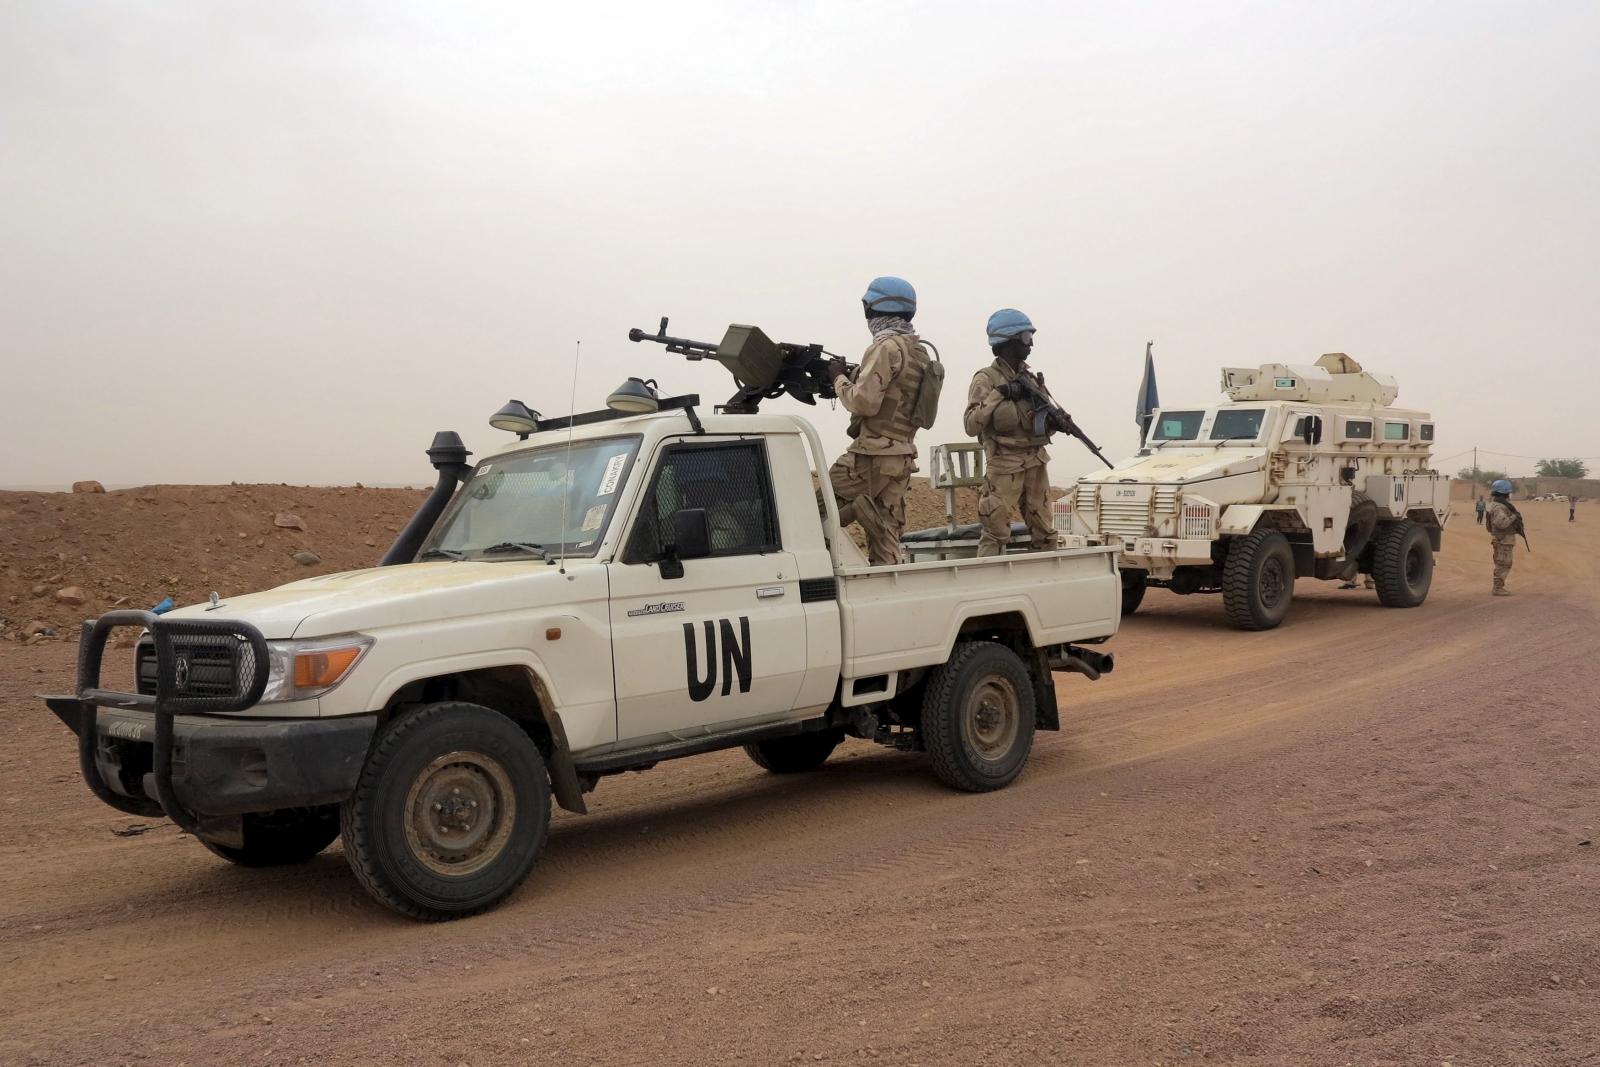 UN peacekeepers patrol in Kidal